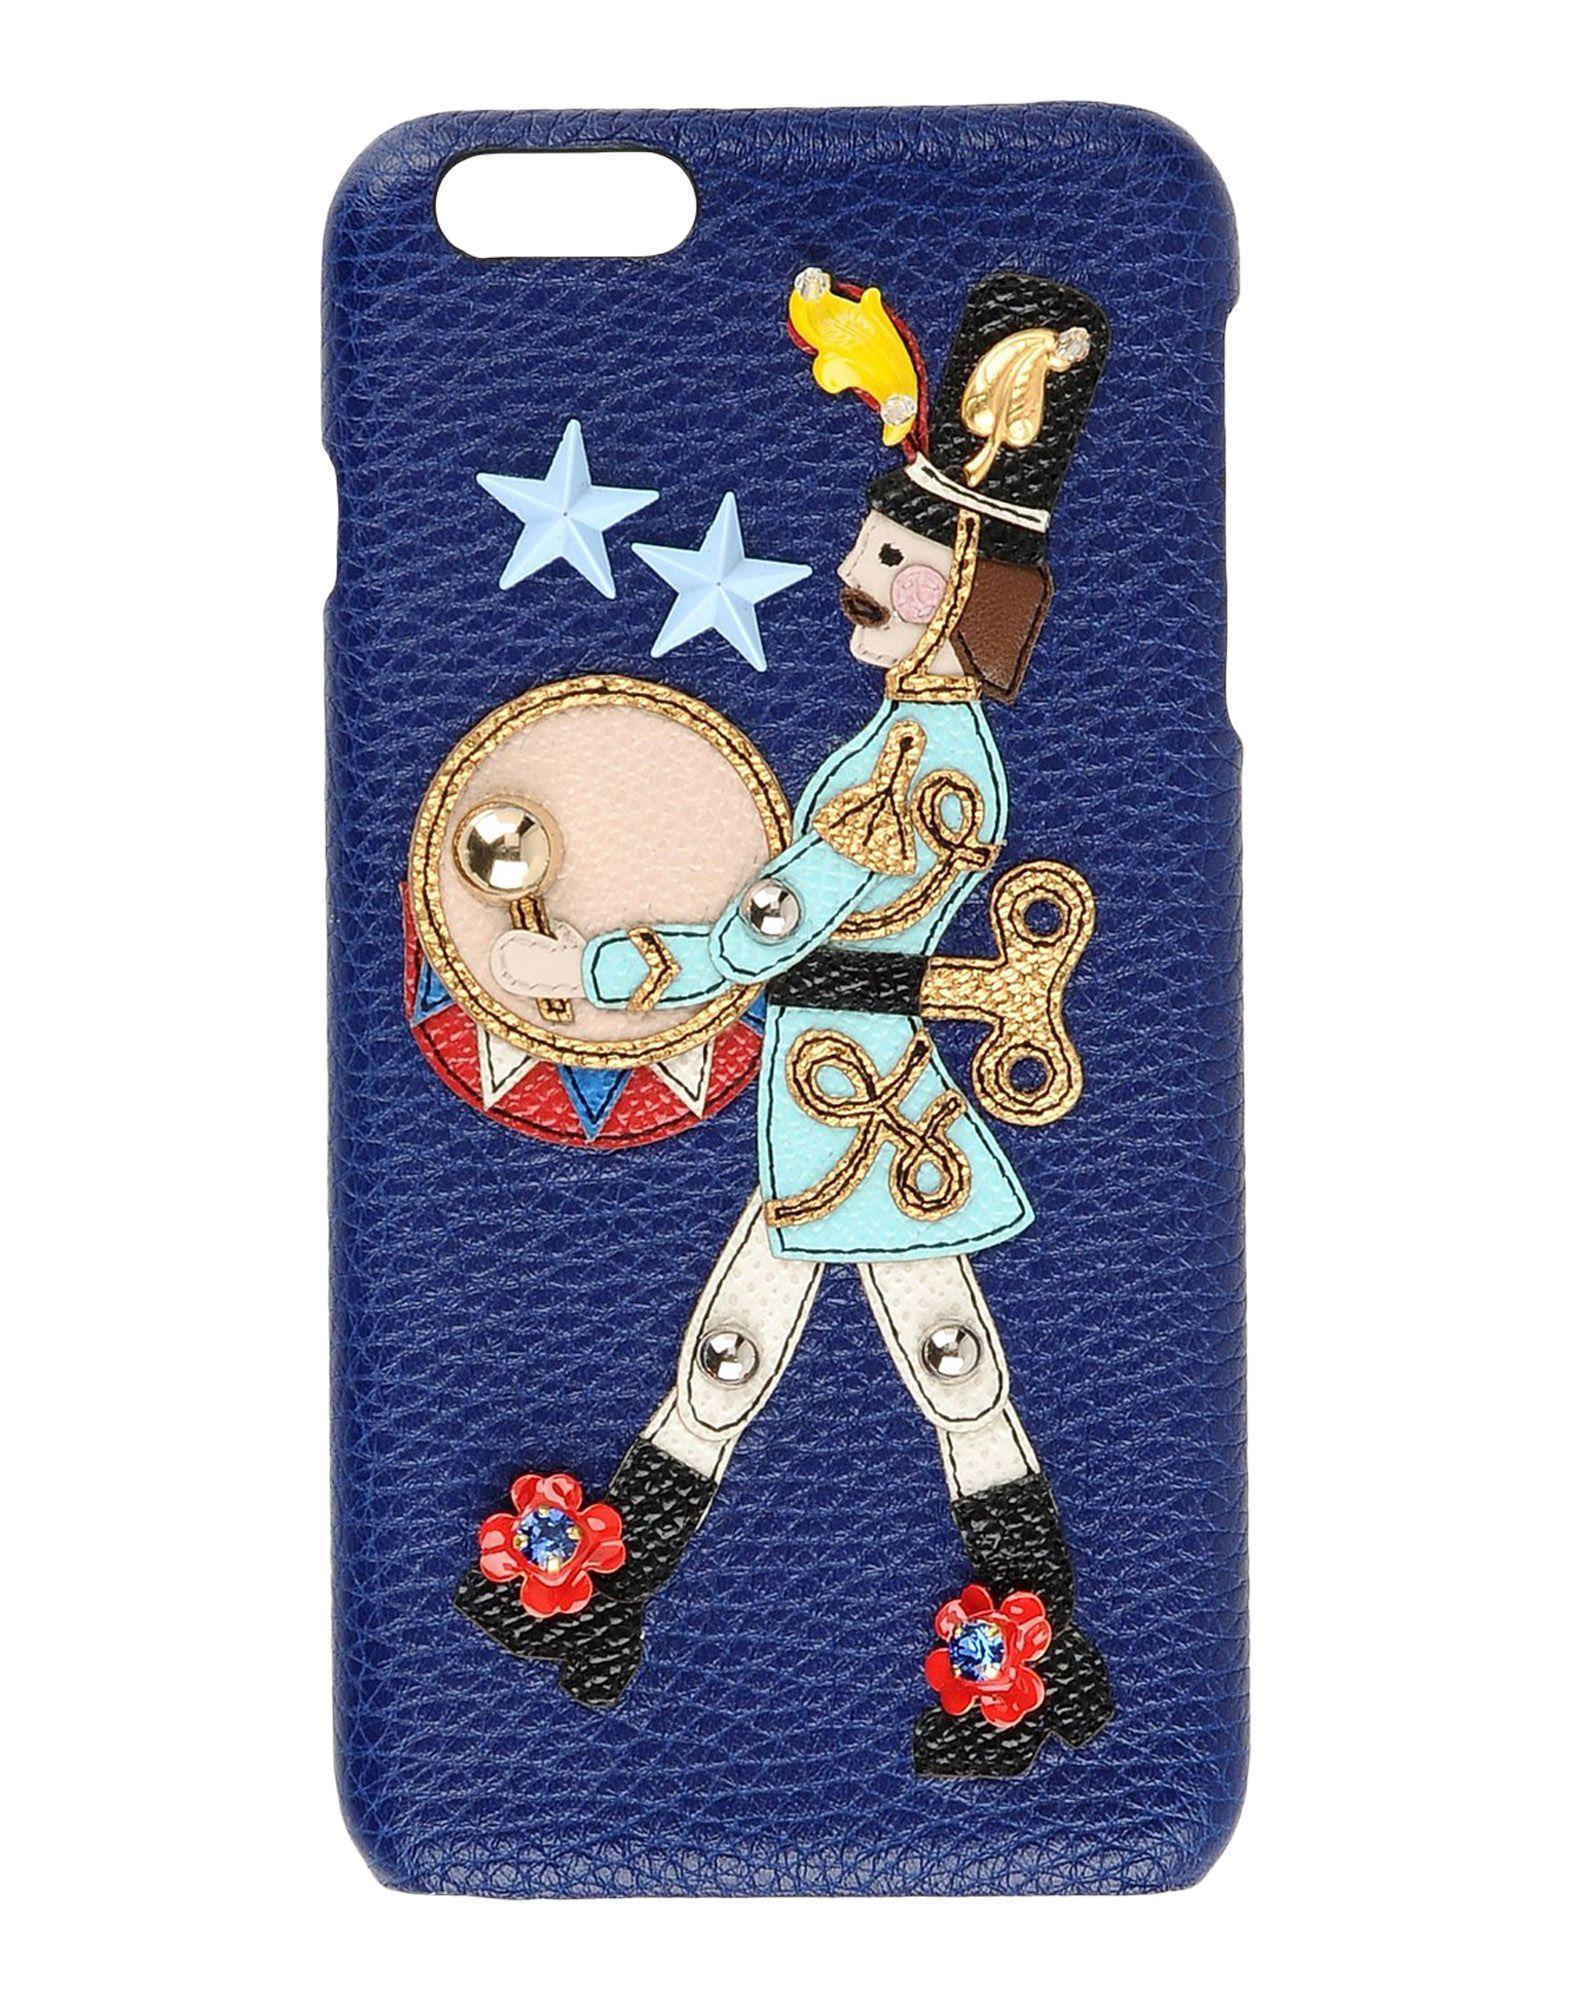 DOLCE & GABBANA Чехол дворец цветок дизайн искусственная кожа флип кошелек карты держатель чехол для iphone 6 plus 6s plus